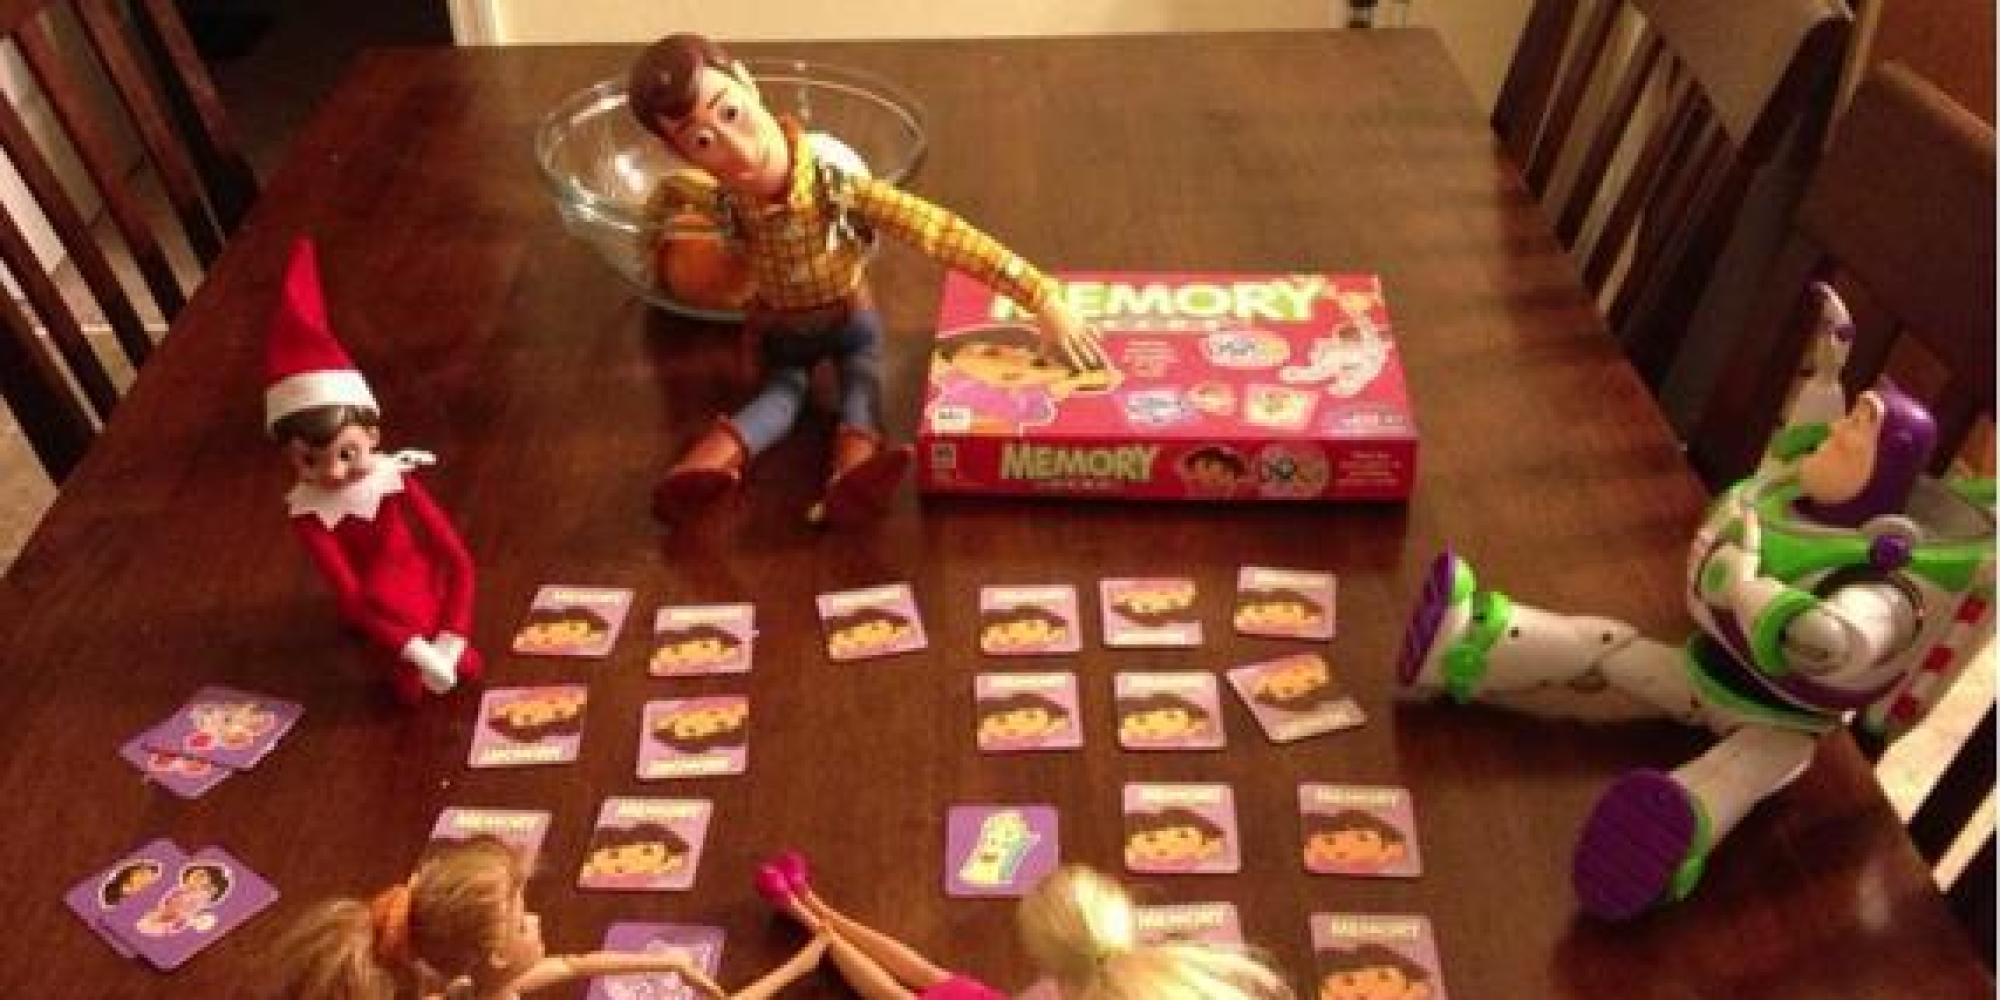 How The Elf On The Shelf Ruined Our Christmas Matt Pelc